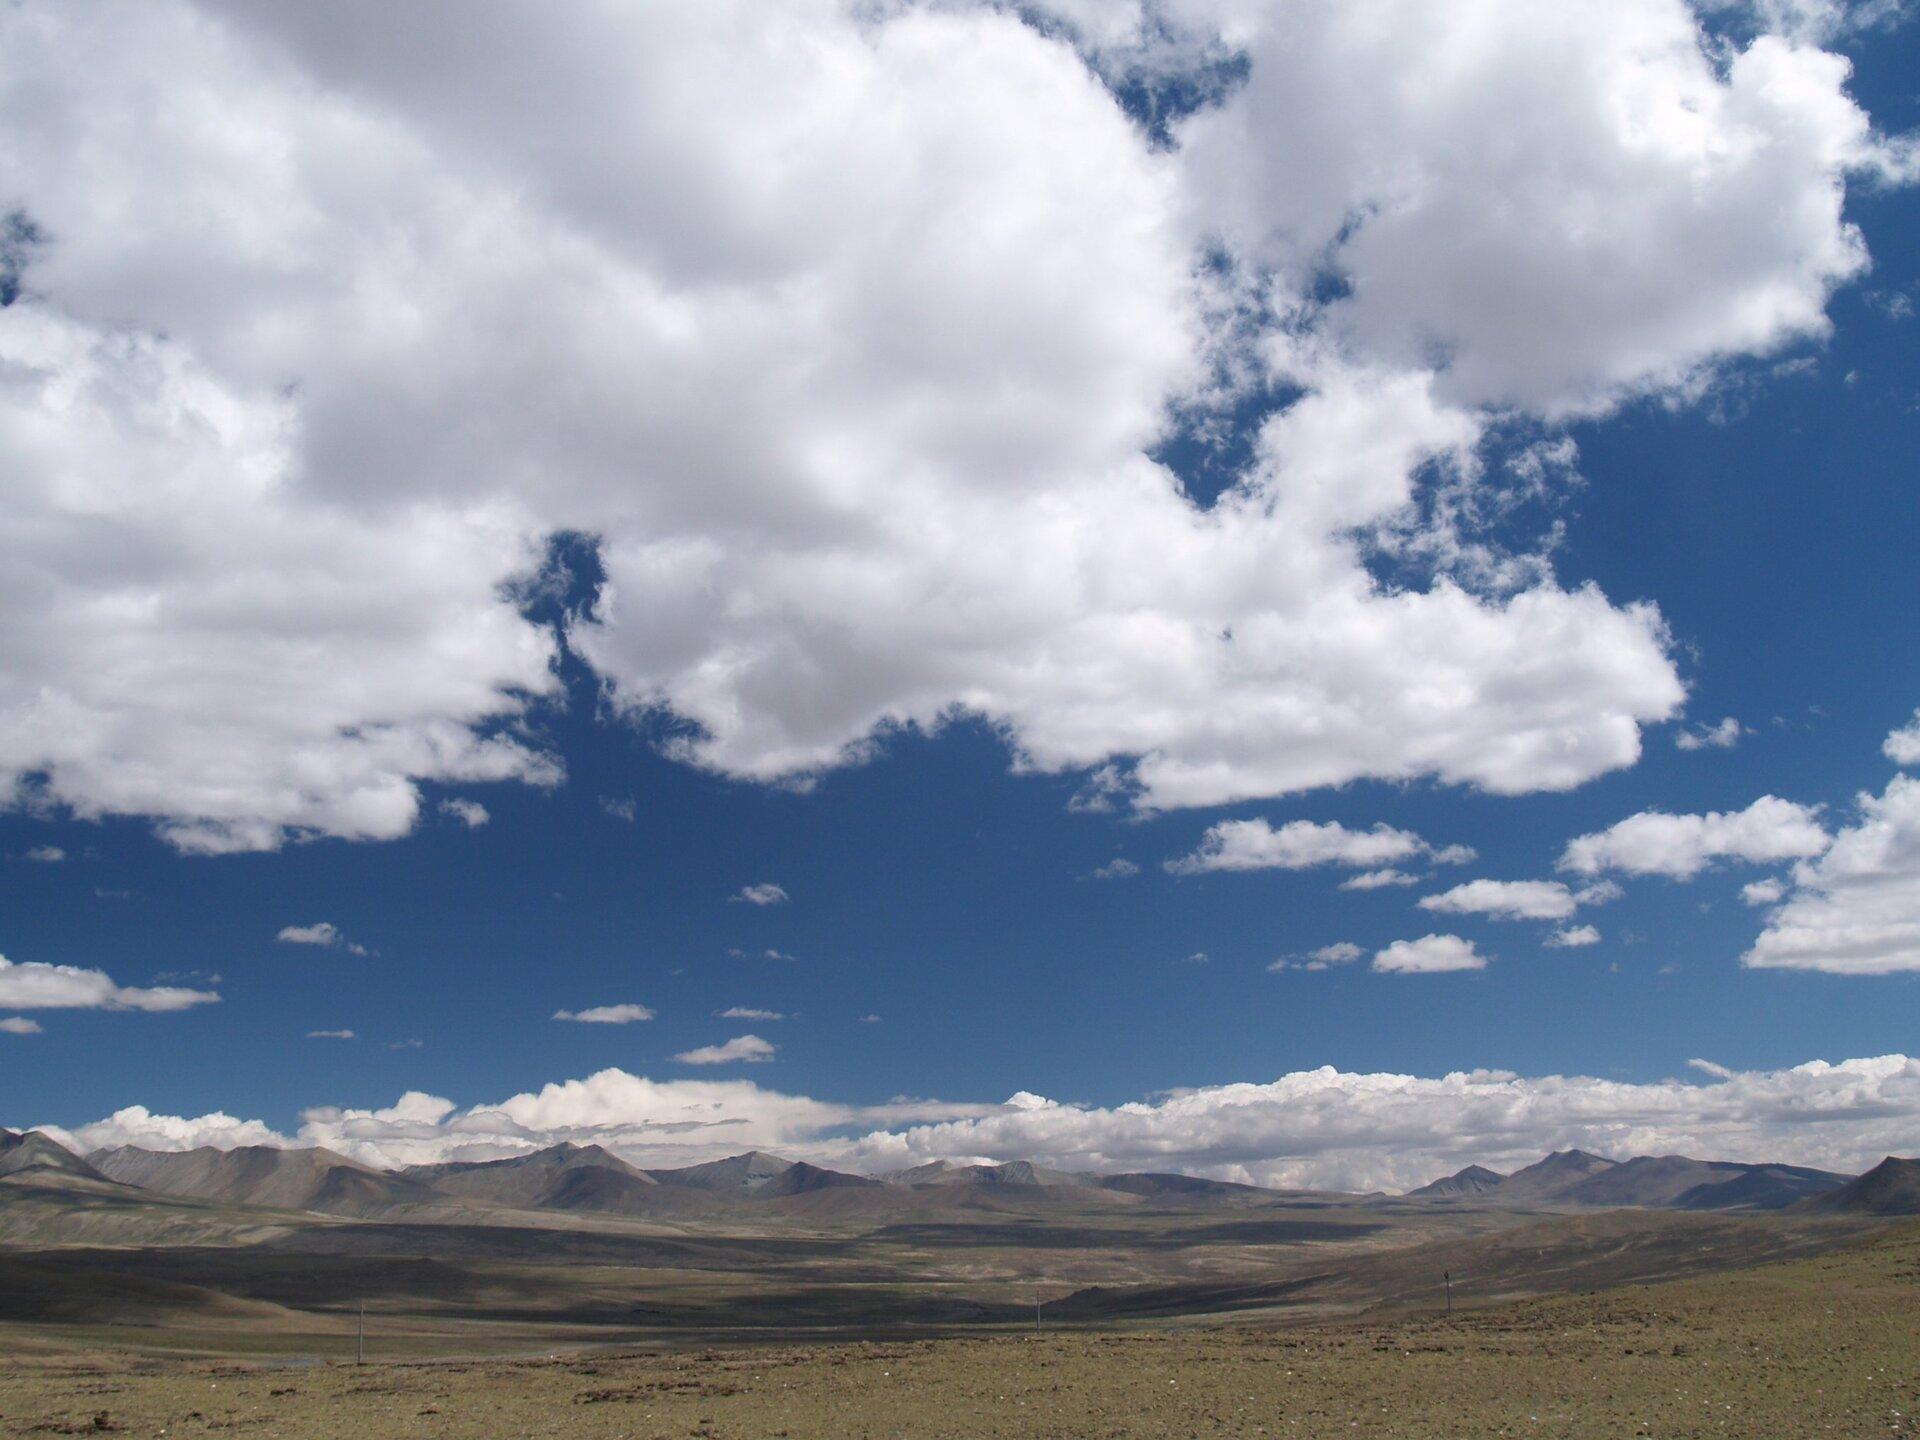 Fotografia przedstawia pofałdowany krajobraz Wyżyny Tybetańskiej. Na niebie białe, rozbudowane chmury kłębiaste.